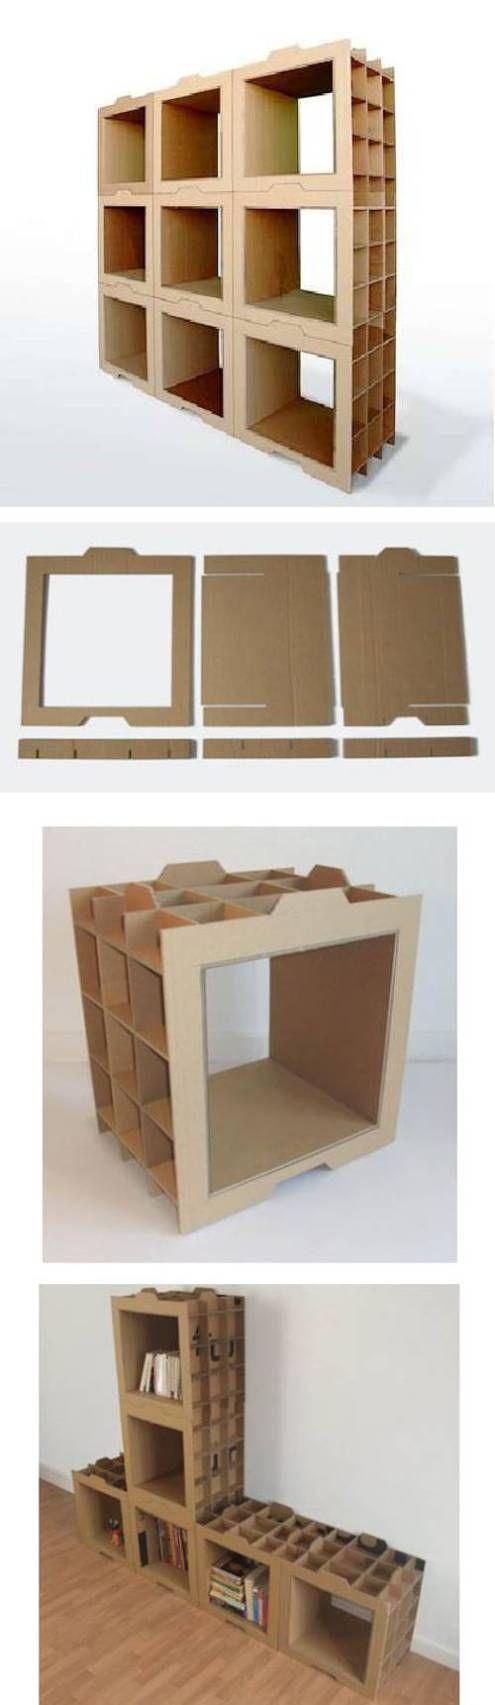 Muebles Modulares De Cart N Mi Casa Pinterest Muebles  ~ Estanterias De Carton Reciclado